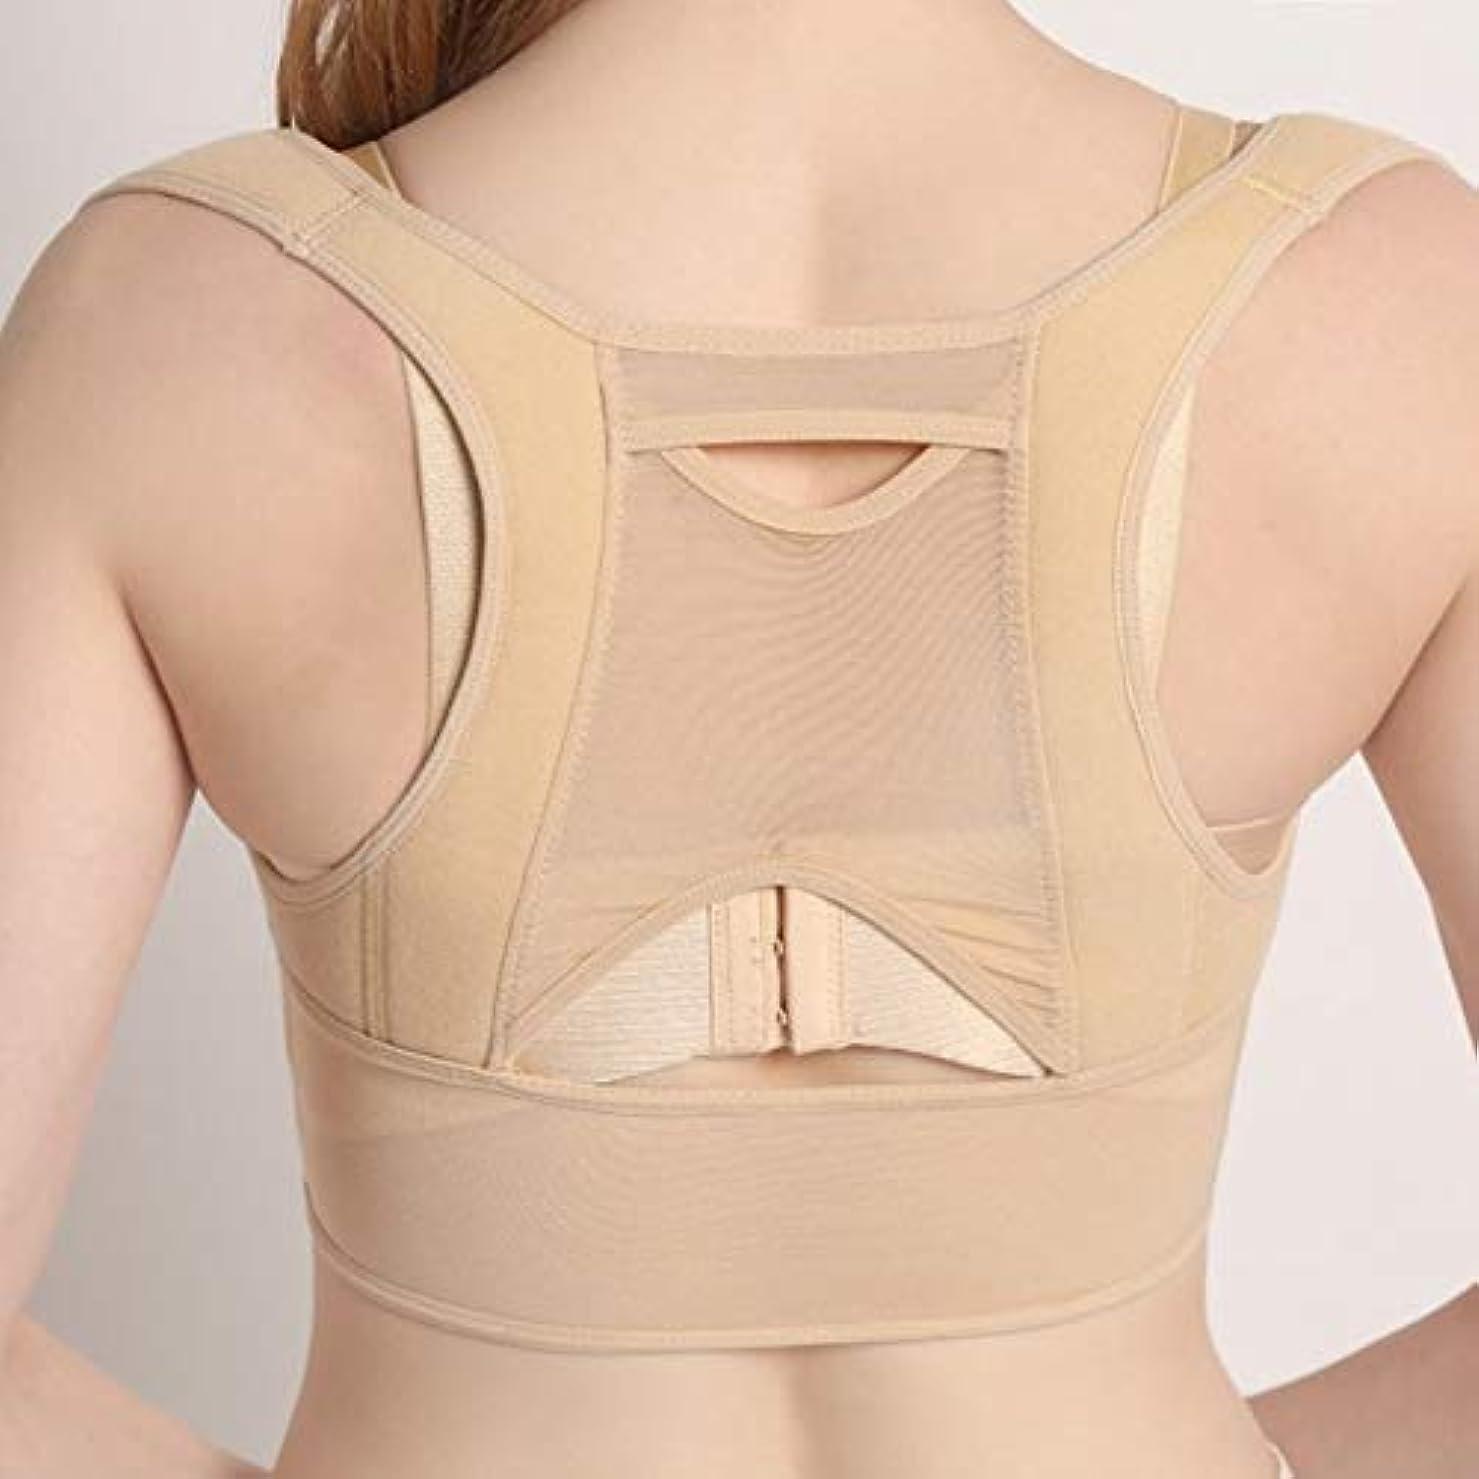 然としたマインドポーター通気性のある女性の背中の姿勢矯正コルセット整形外科の背中の肩の背骨の姿勢矯正腰椎サポート - ベージュホワイトL